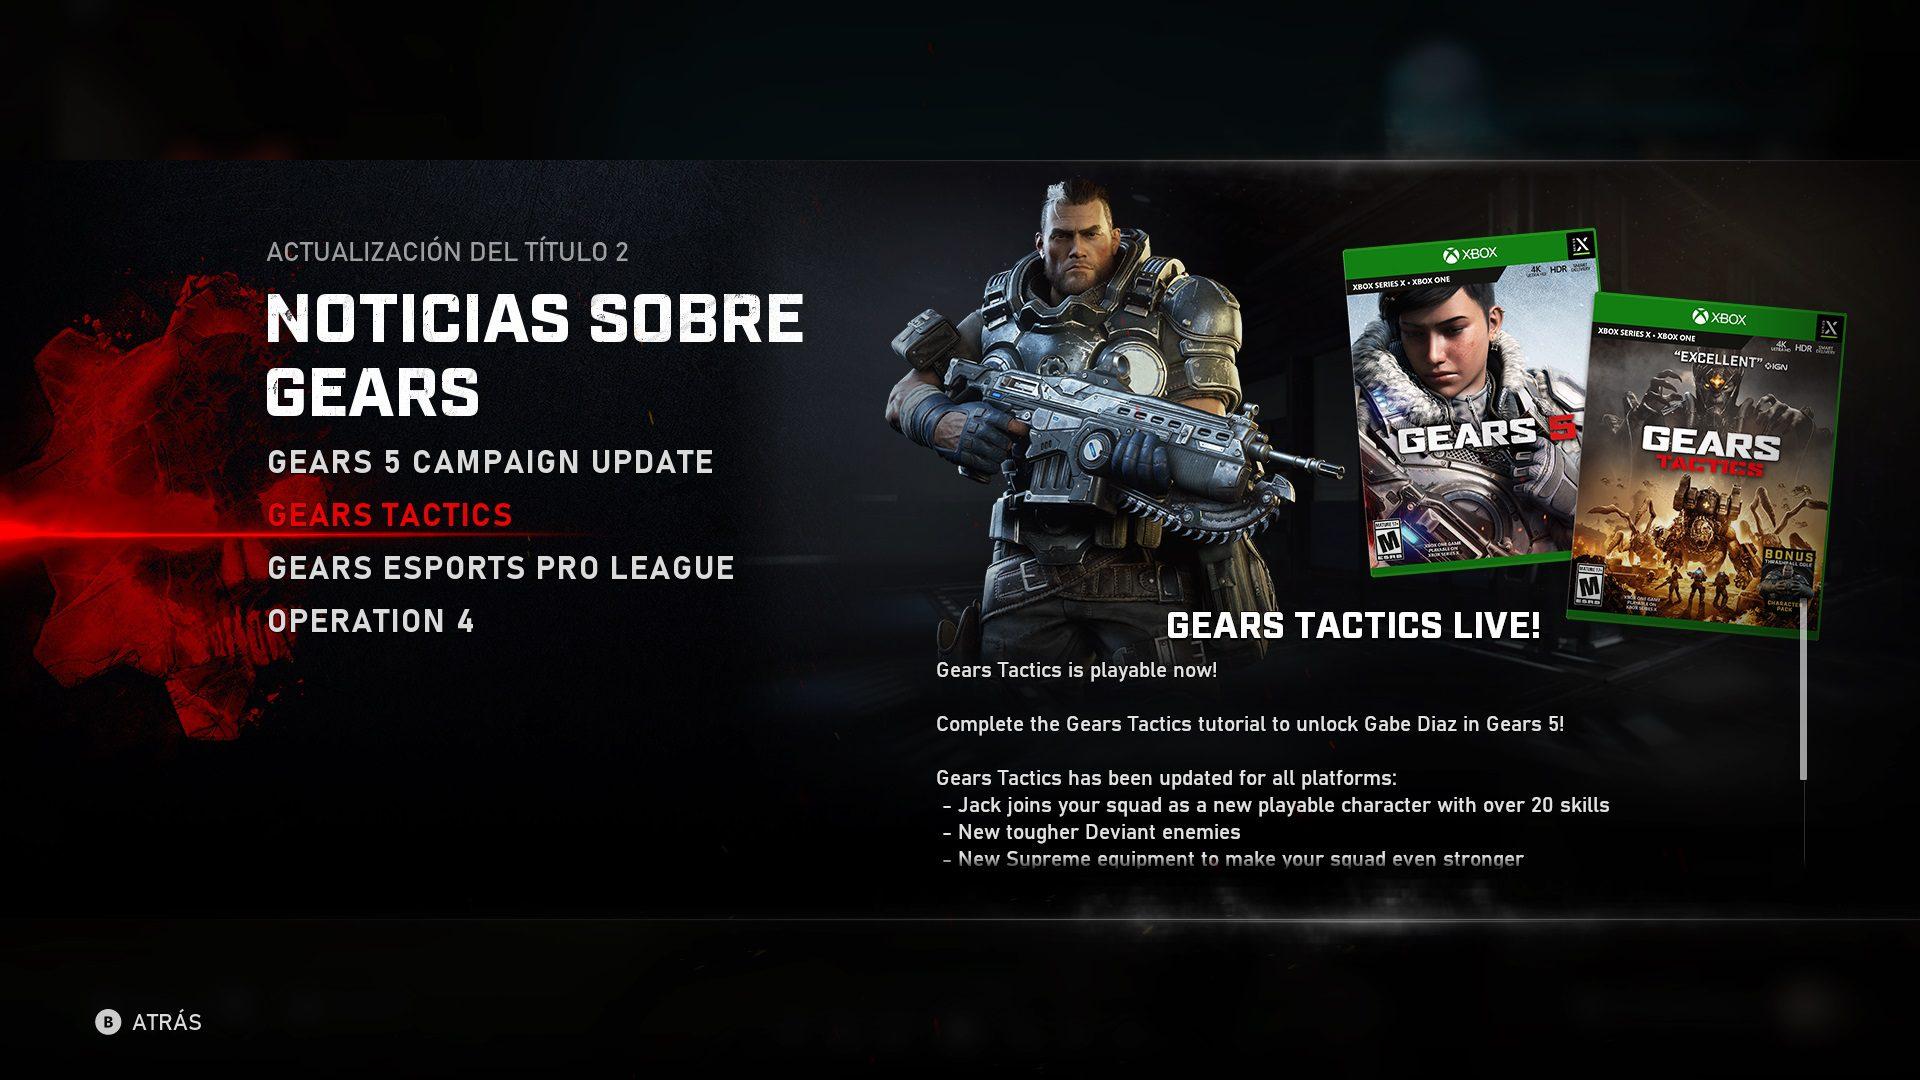 Así se consigue a Gabe Diaz como personaje jugable en Gears 5